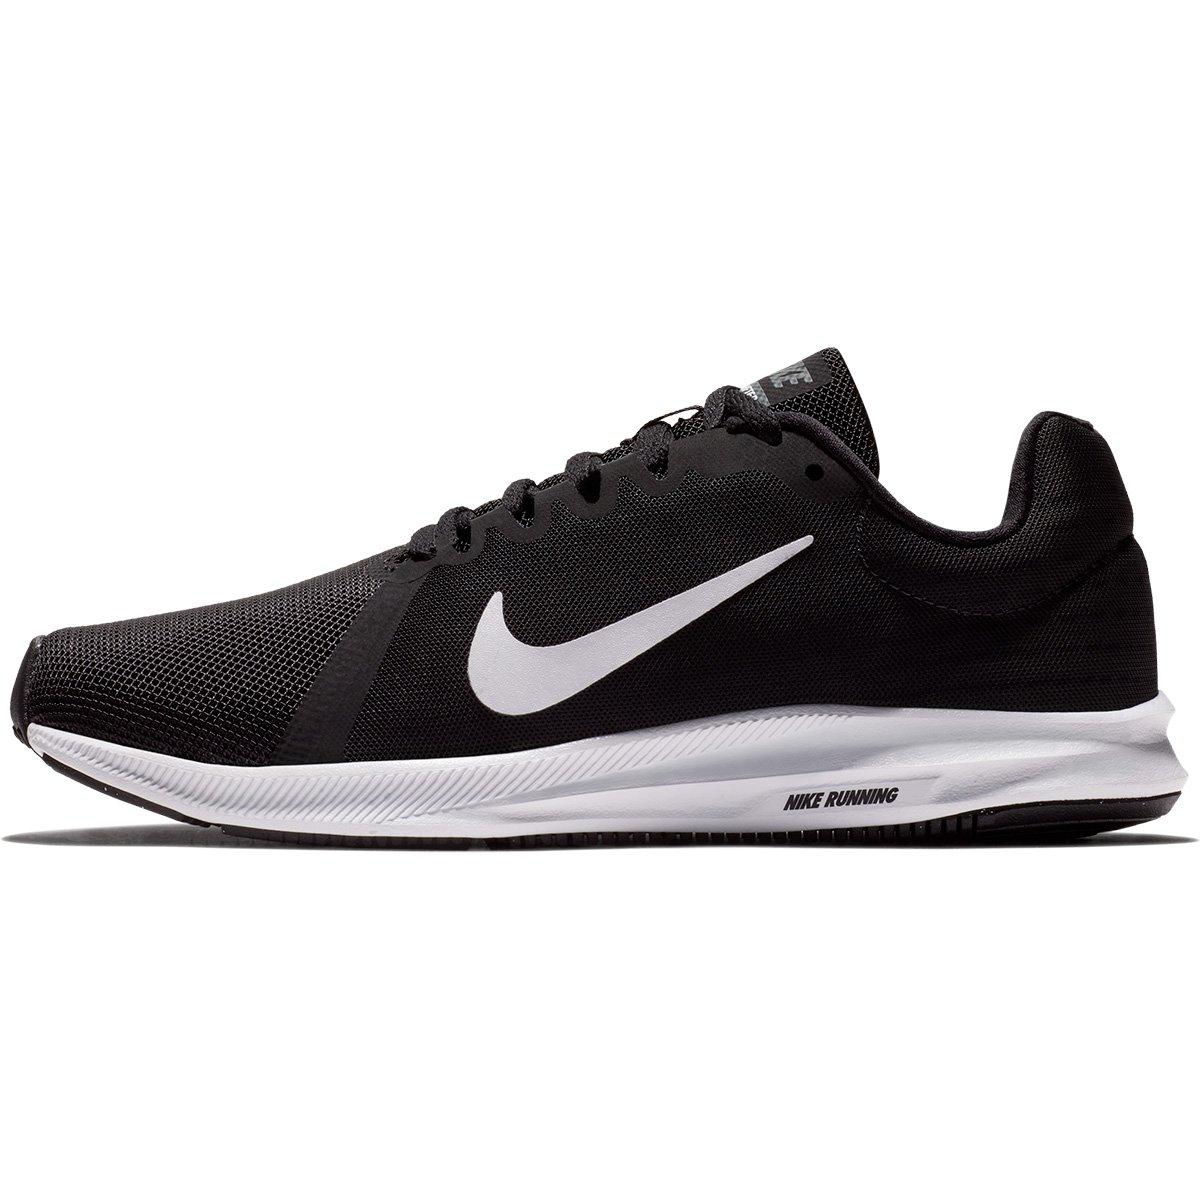 Tênis Nike Wmns Downshifter 8 Feminino - Preto e Branco - Compre ... 33fb7f4043f77